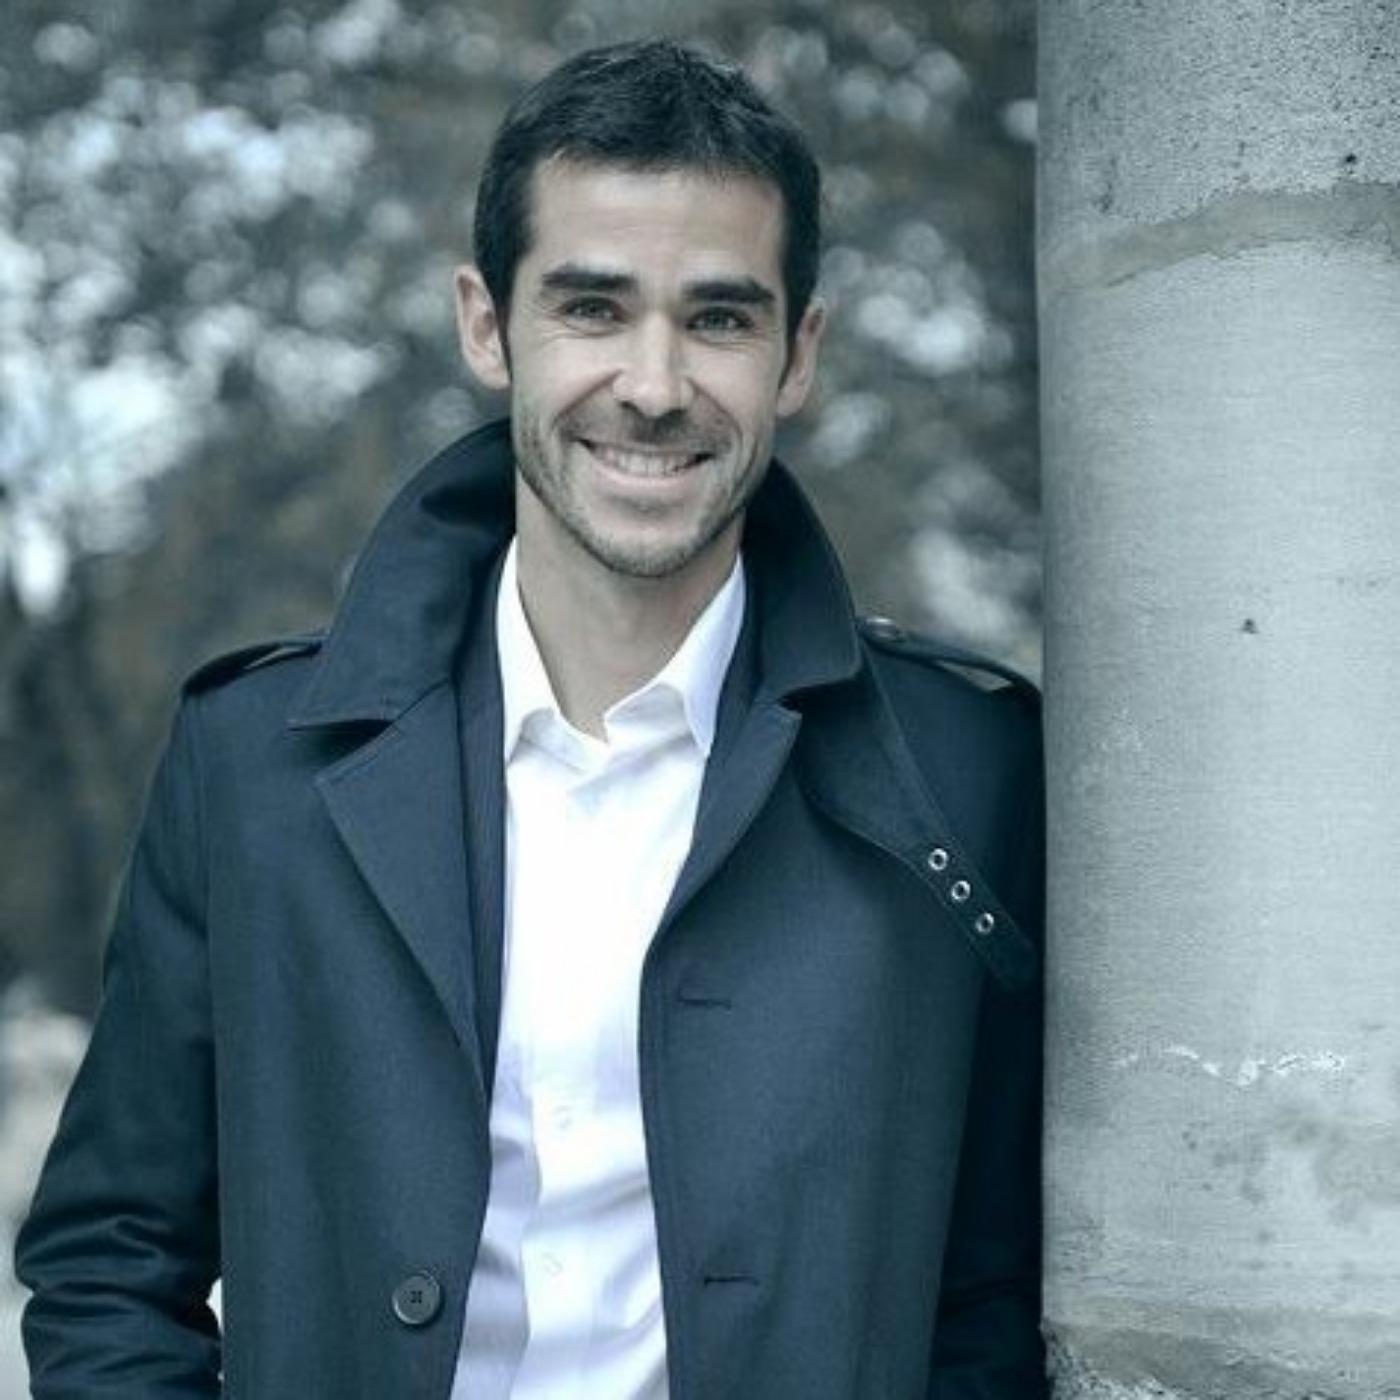 Épisode #13 - Anthony Berthou : De l'importance de bien gérer sa glycémie pour le poids, les performances, la longévité, la santé …